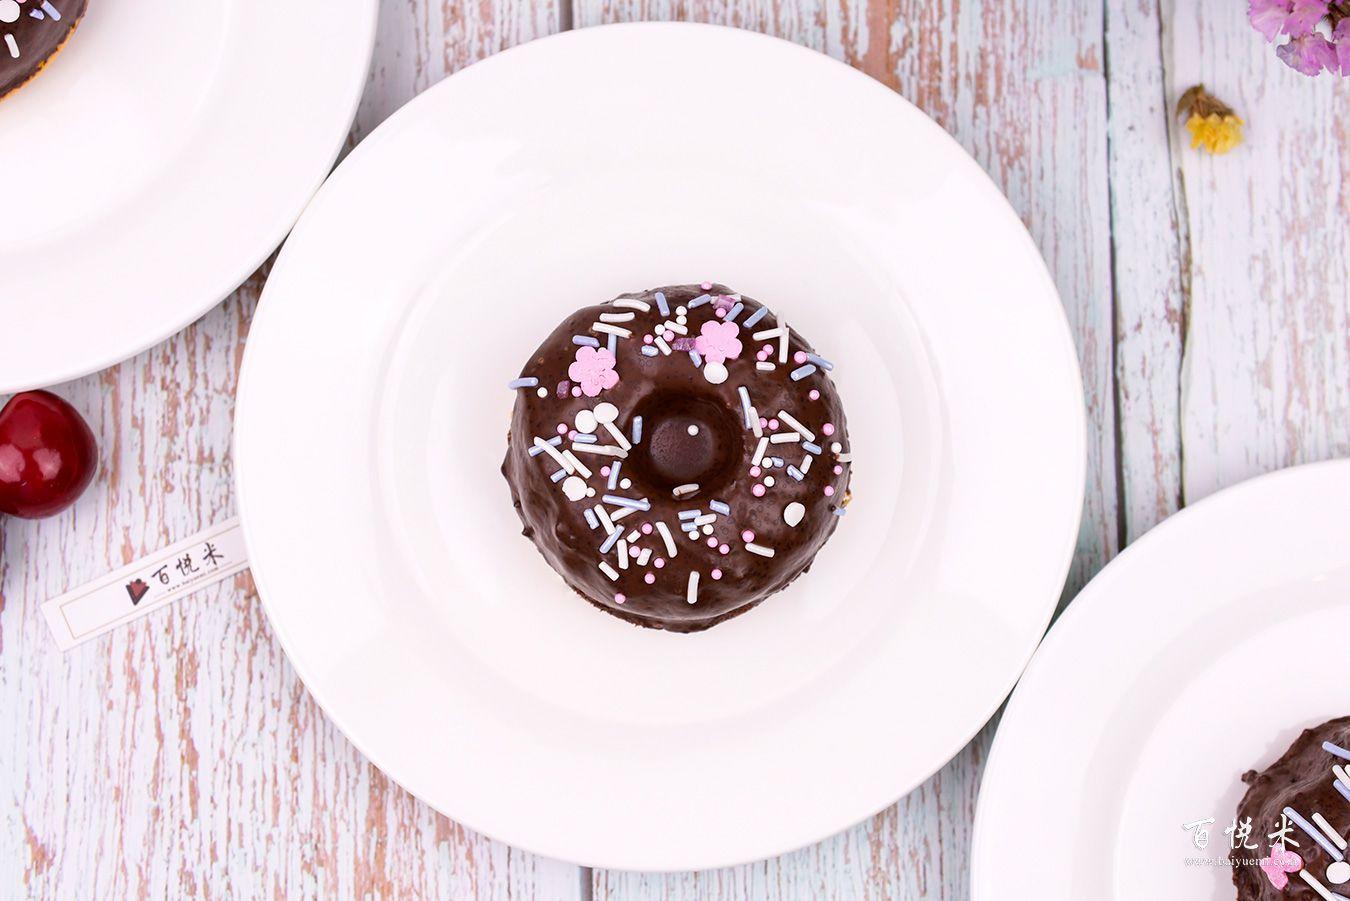 甜甜圈高清图片大全【蛋糕图片】_657